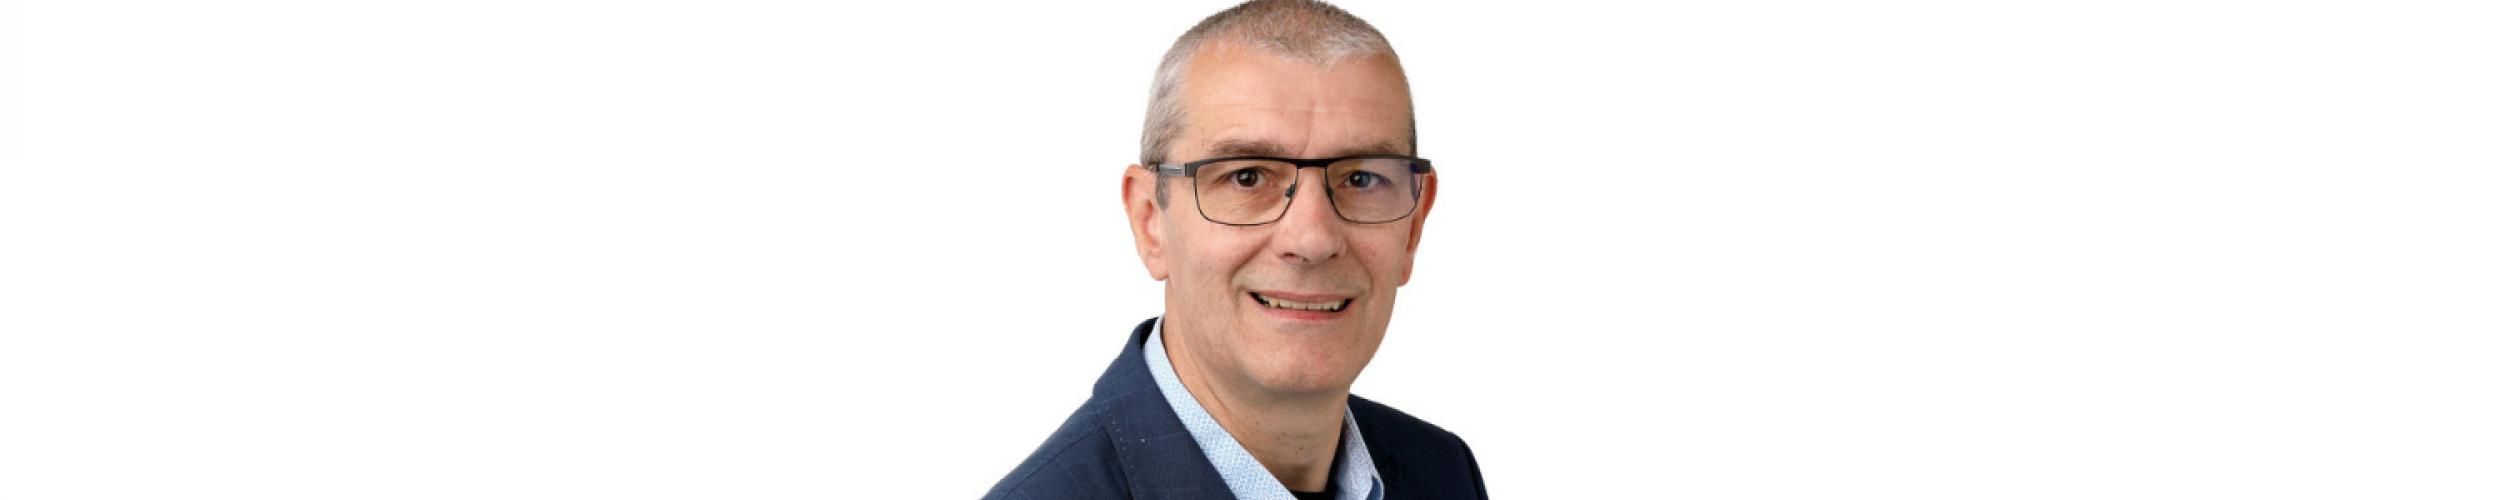 Hendrik Libeer